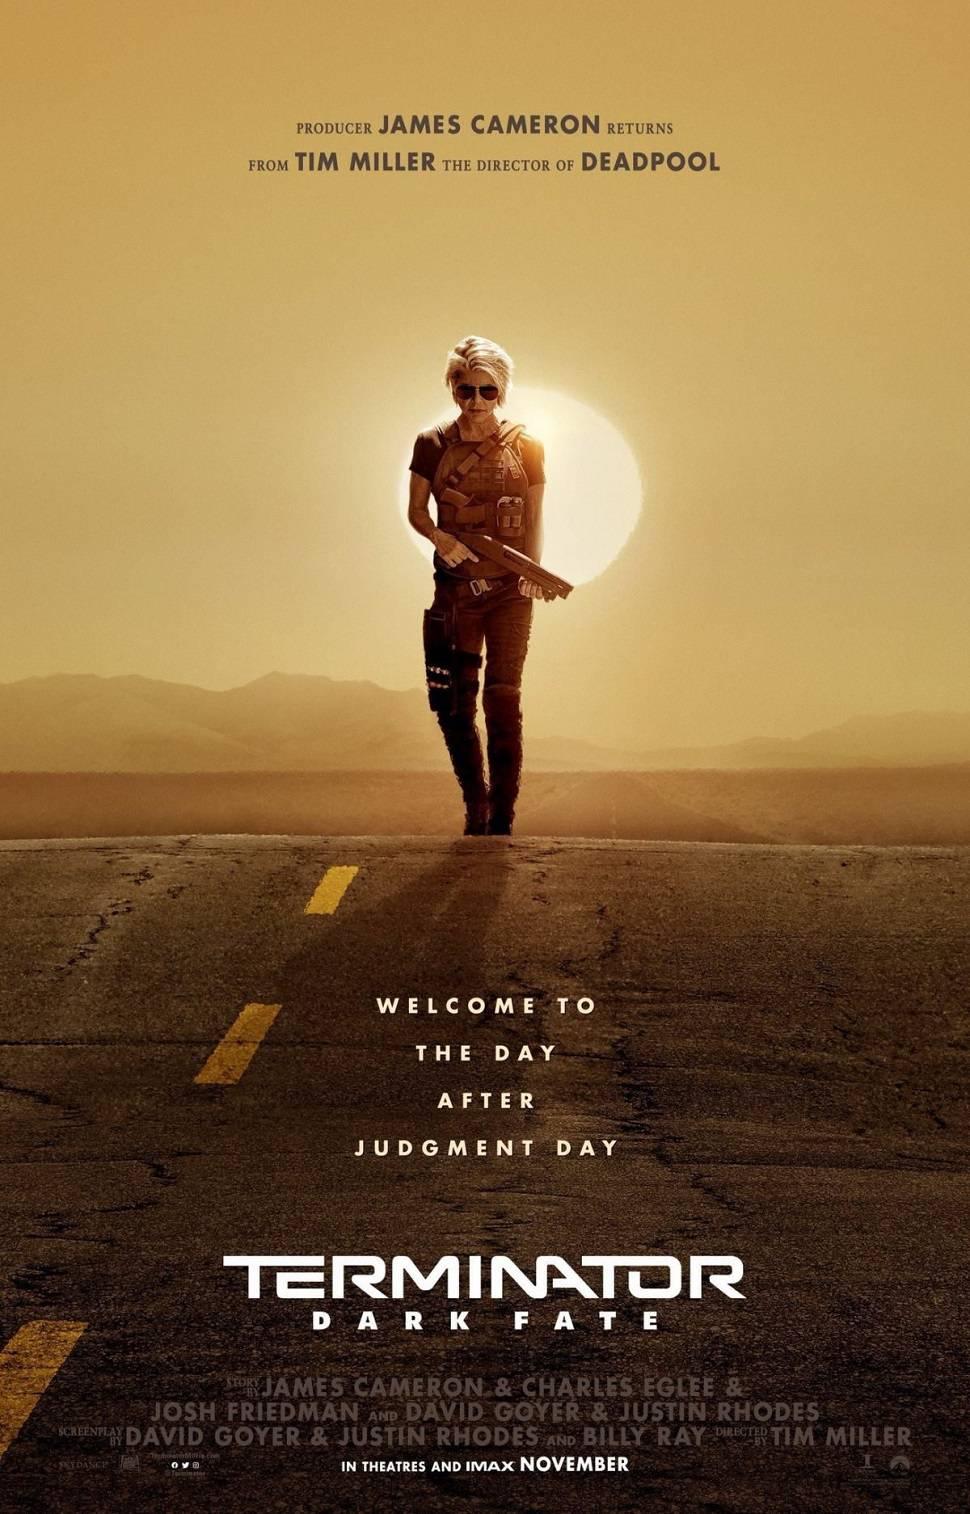 [FILMES] - Notícias diversas, trailers, etc! - Página 22 Exterminador_do_futuro_destino_sombrio